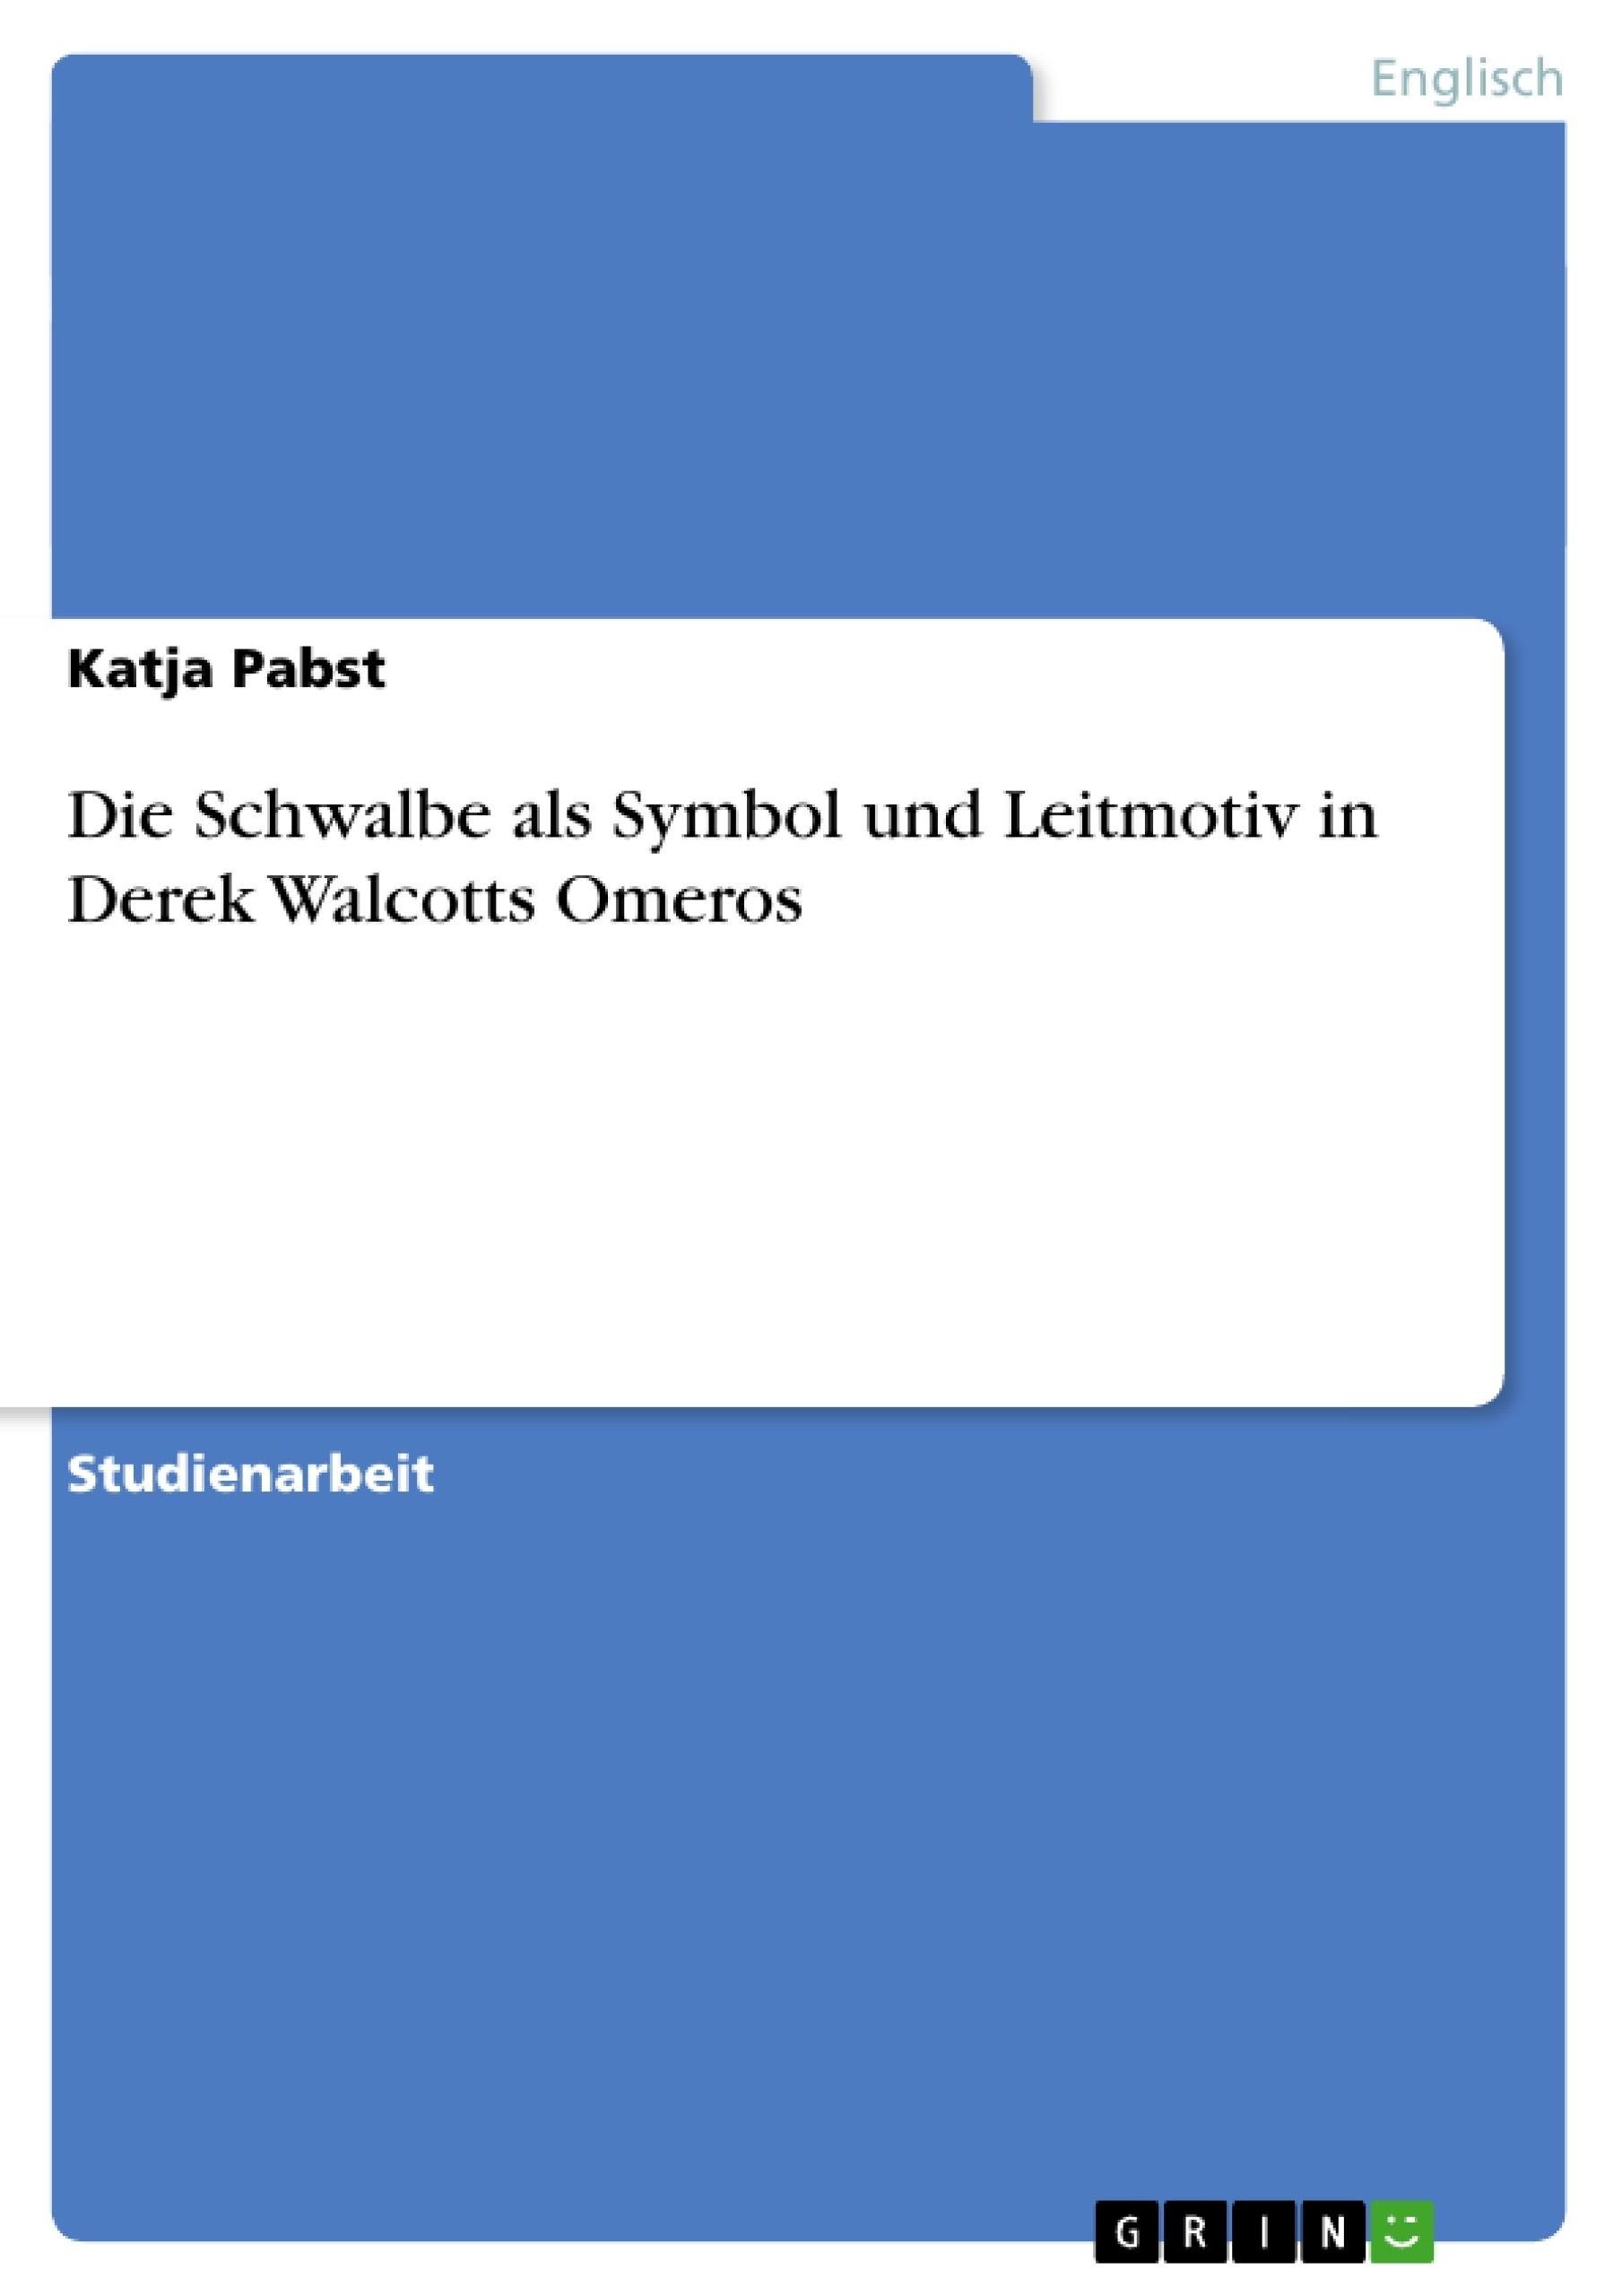 Titel: Die Schwalbe als Symbol und Leitmotiv in Derek Walcotts Omeros